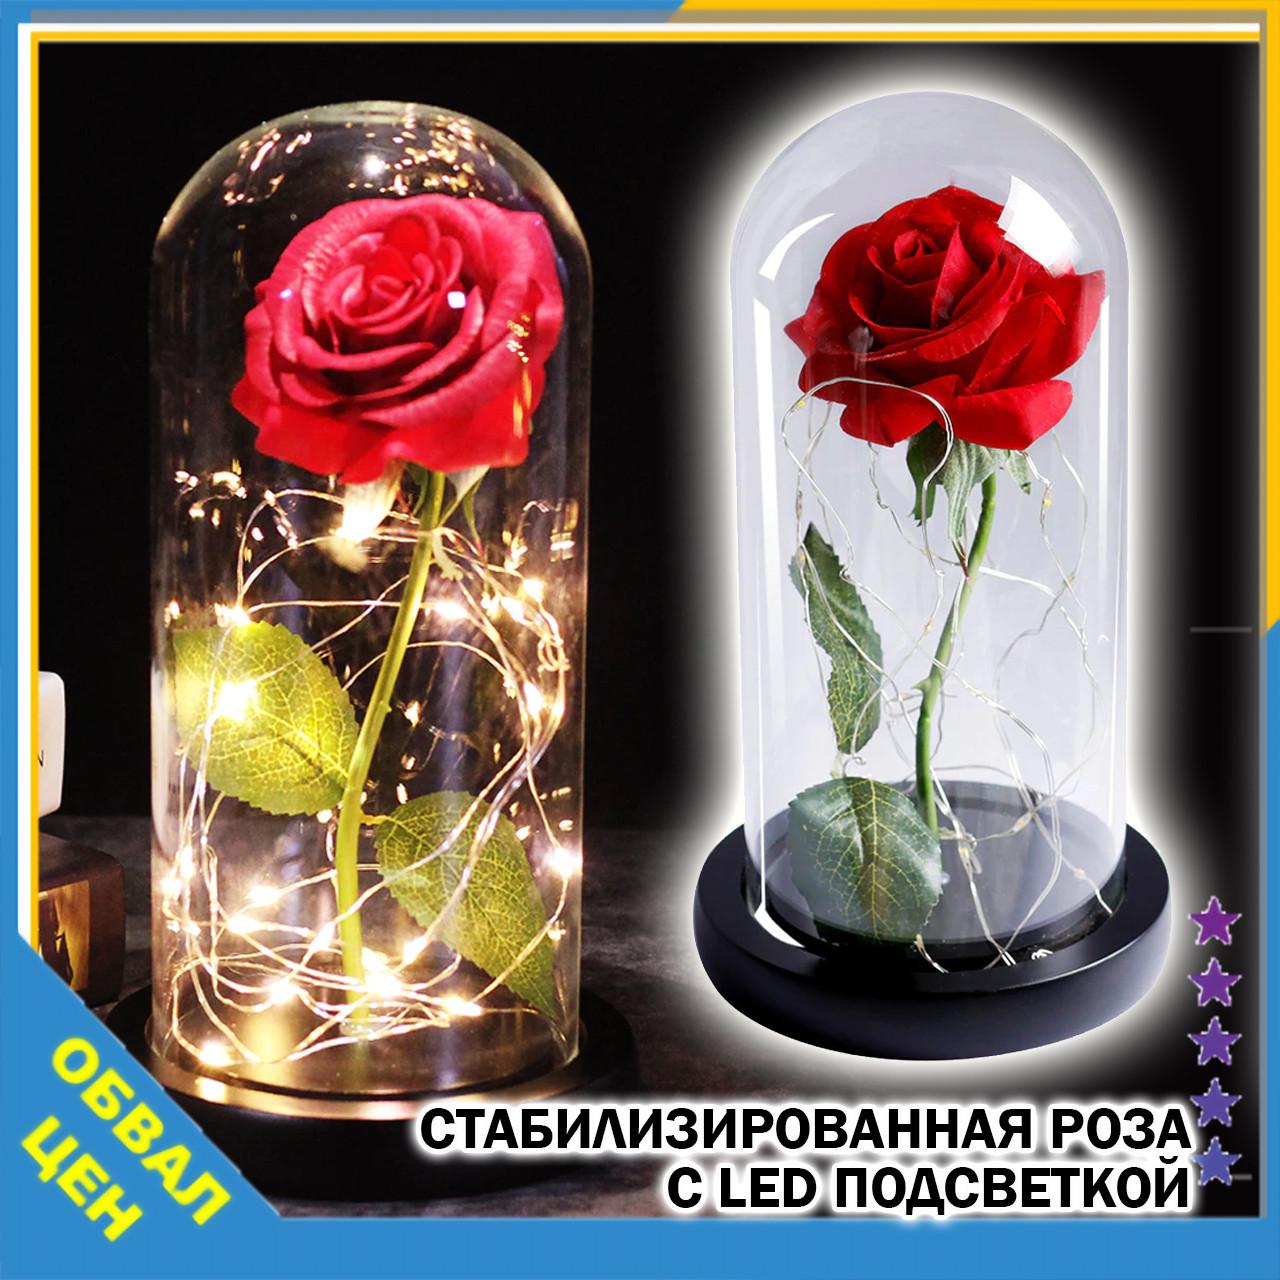 Стабилизированная роза в колбе с led подсветкой вечная долгосвежая цветы ночник подарок на 8 марта